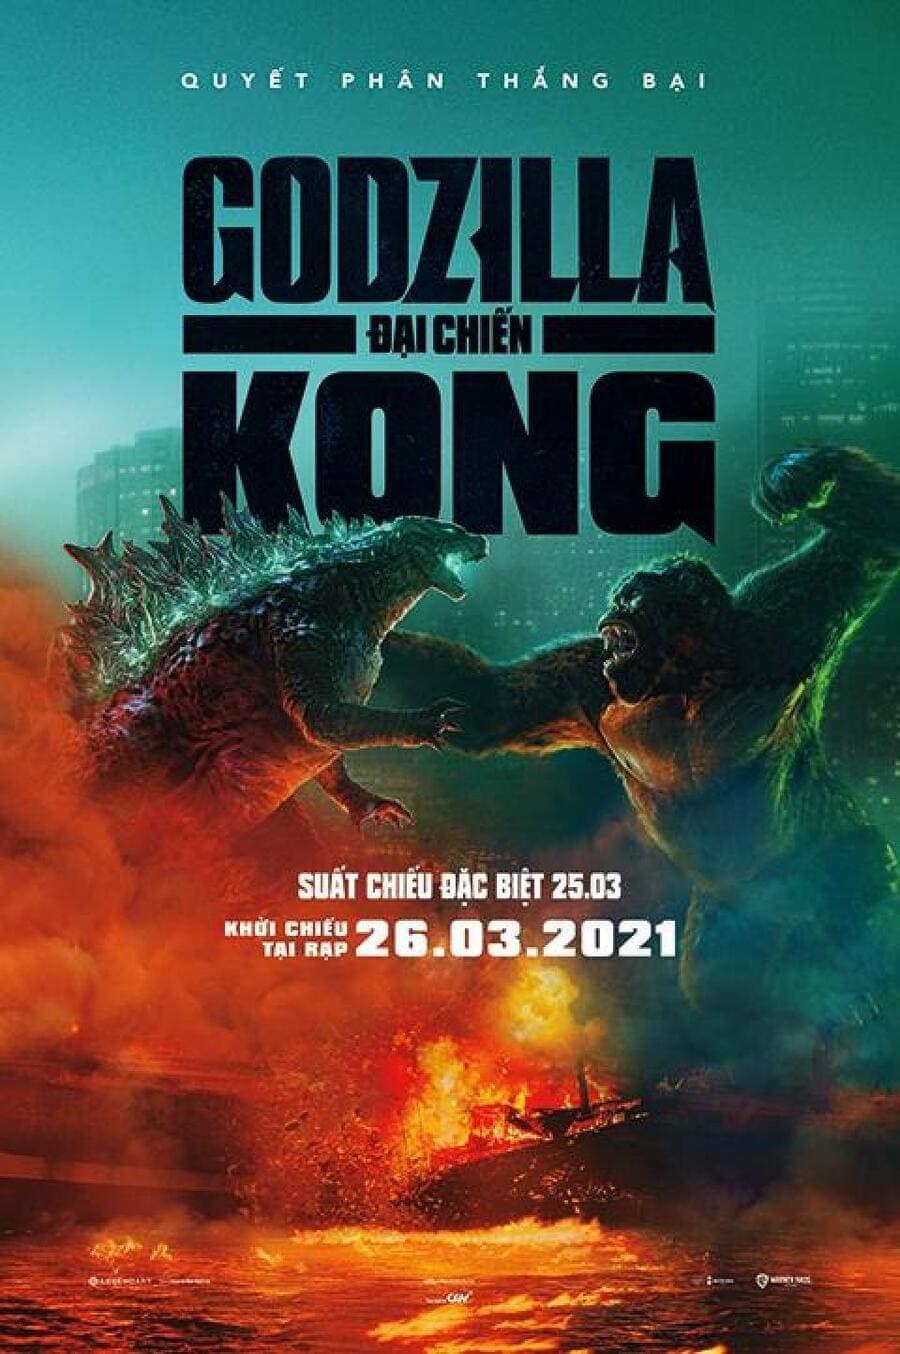 phim godzilla vs kong